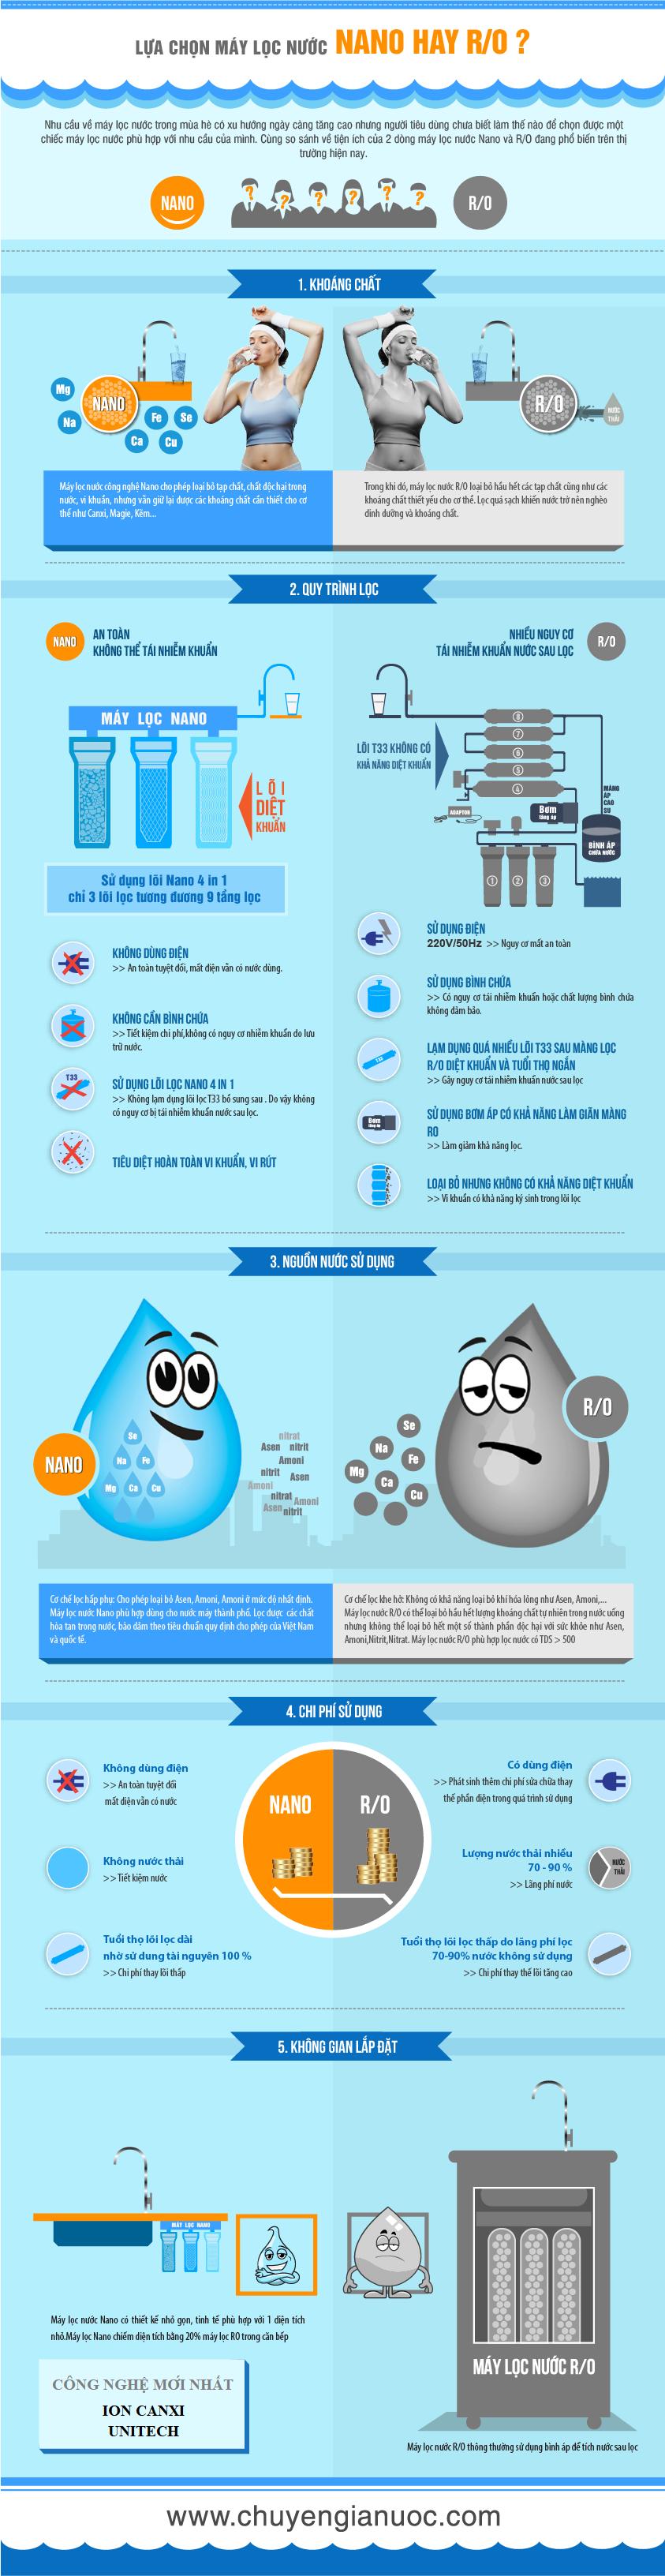 Máy lọc nước loại nào tốt: Máy lọc nước nano hay RO?